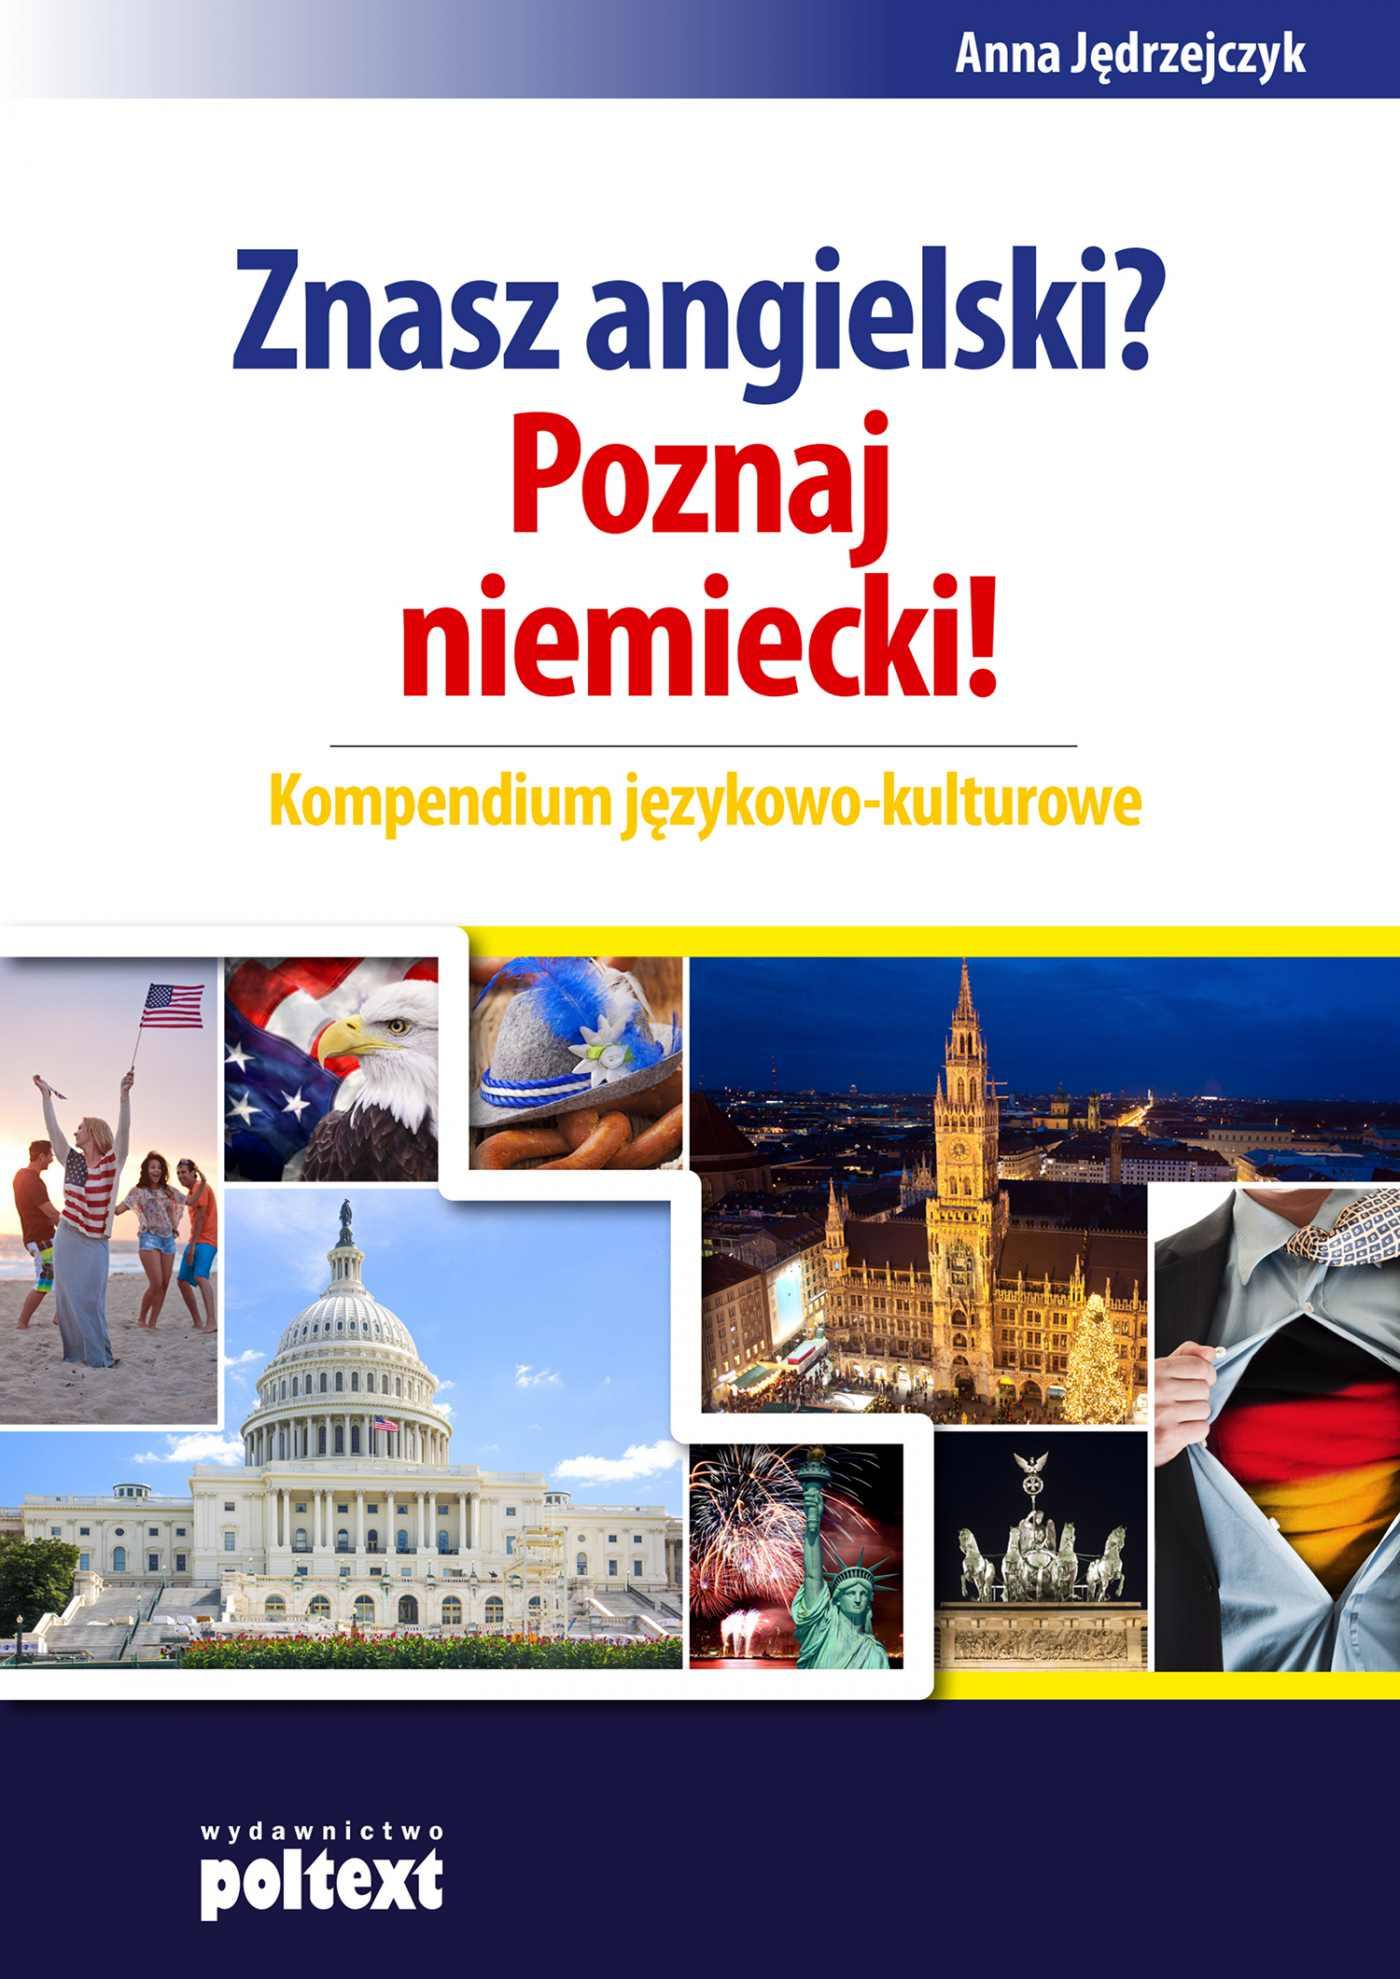 Znasz angielski? Poznaj niemiecki! Kompendium językowo-kulturowe - Ebook (Książka PDF) do pobrania w formacie PDF